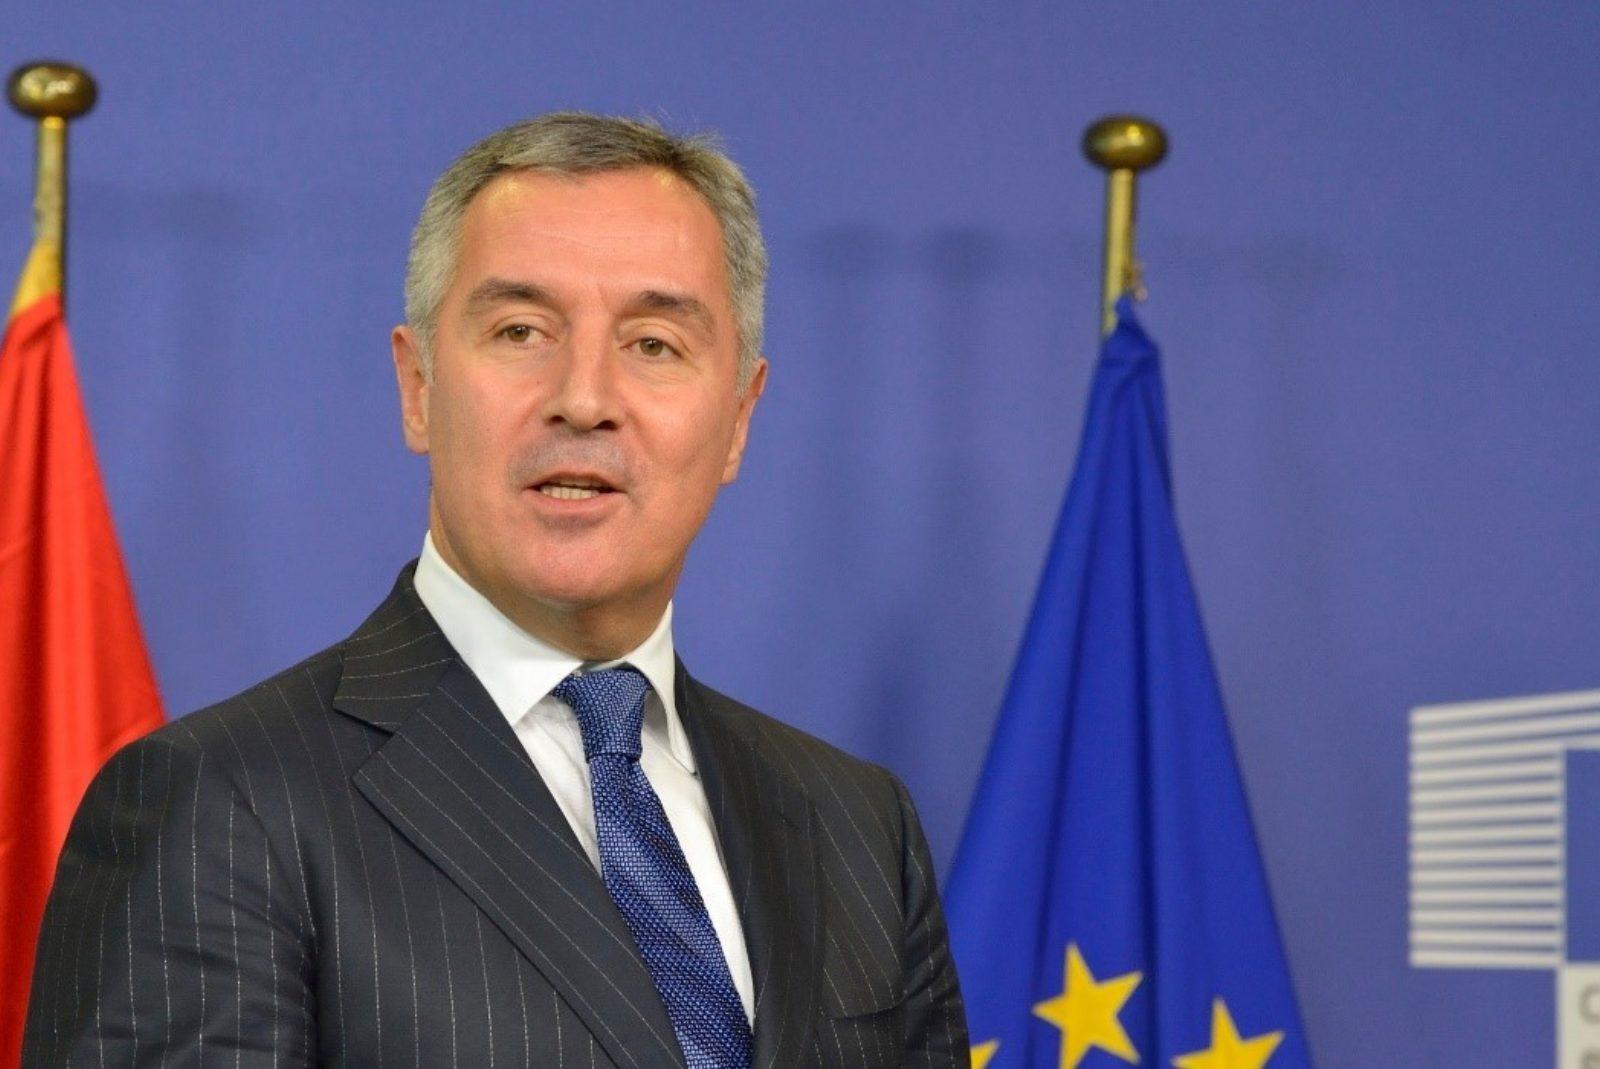 Le elezioni presidenziali rafforzano la posizione del Montenegro in linea con NATO ed UE